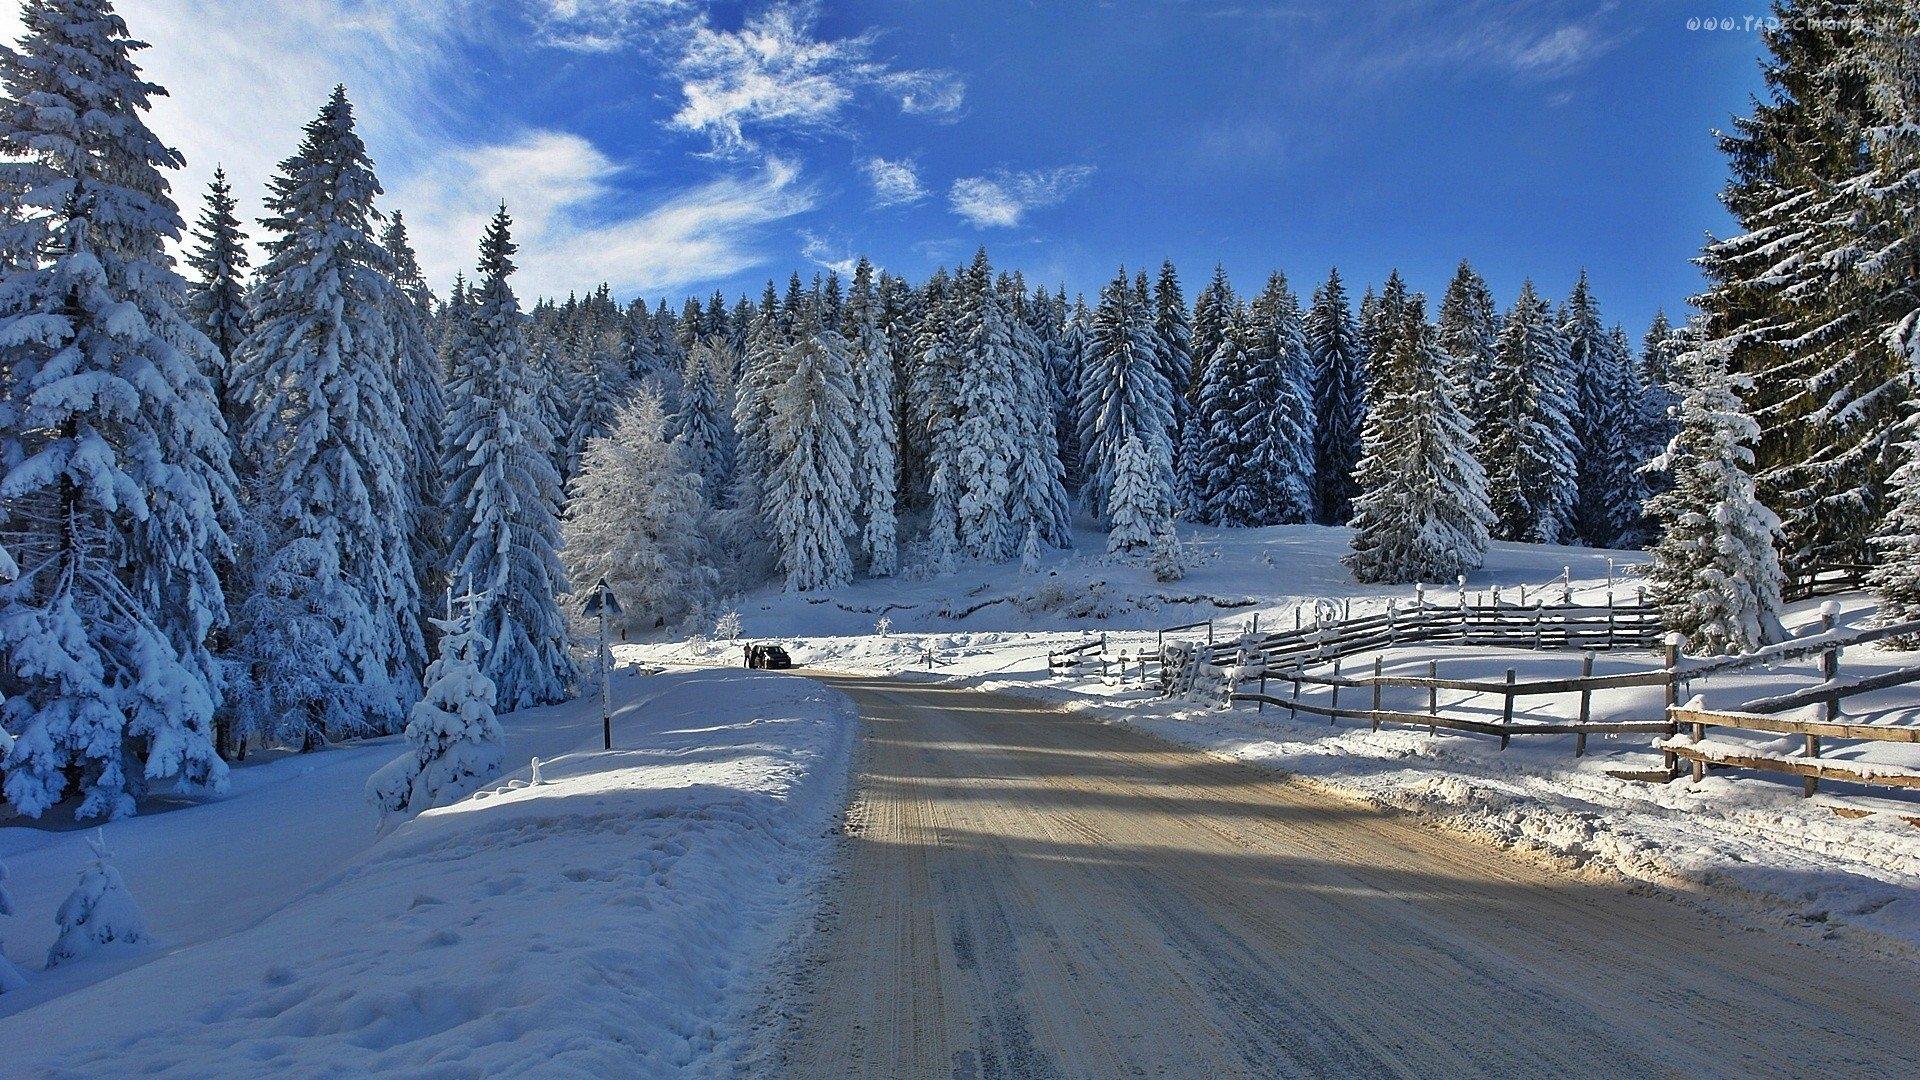 смотреть картинки зимы на рабочий стол